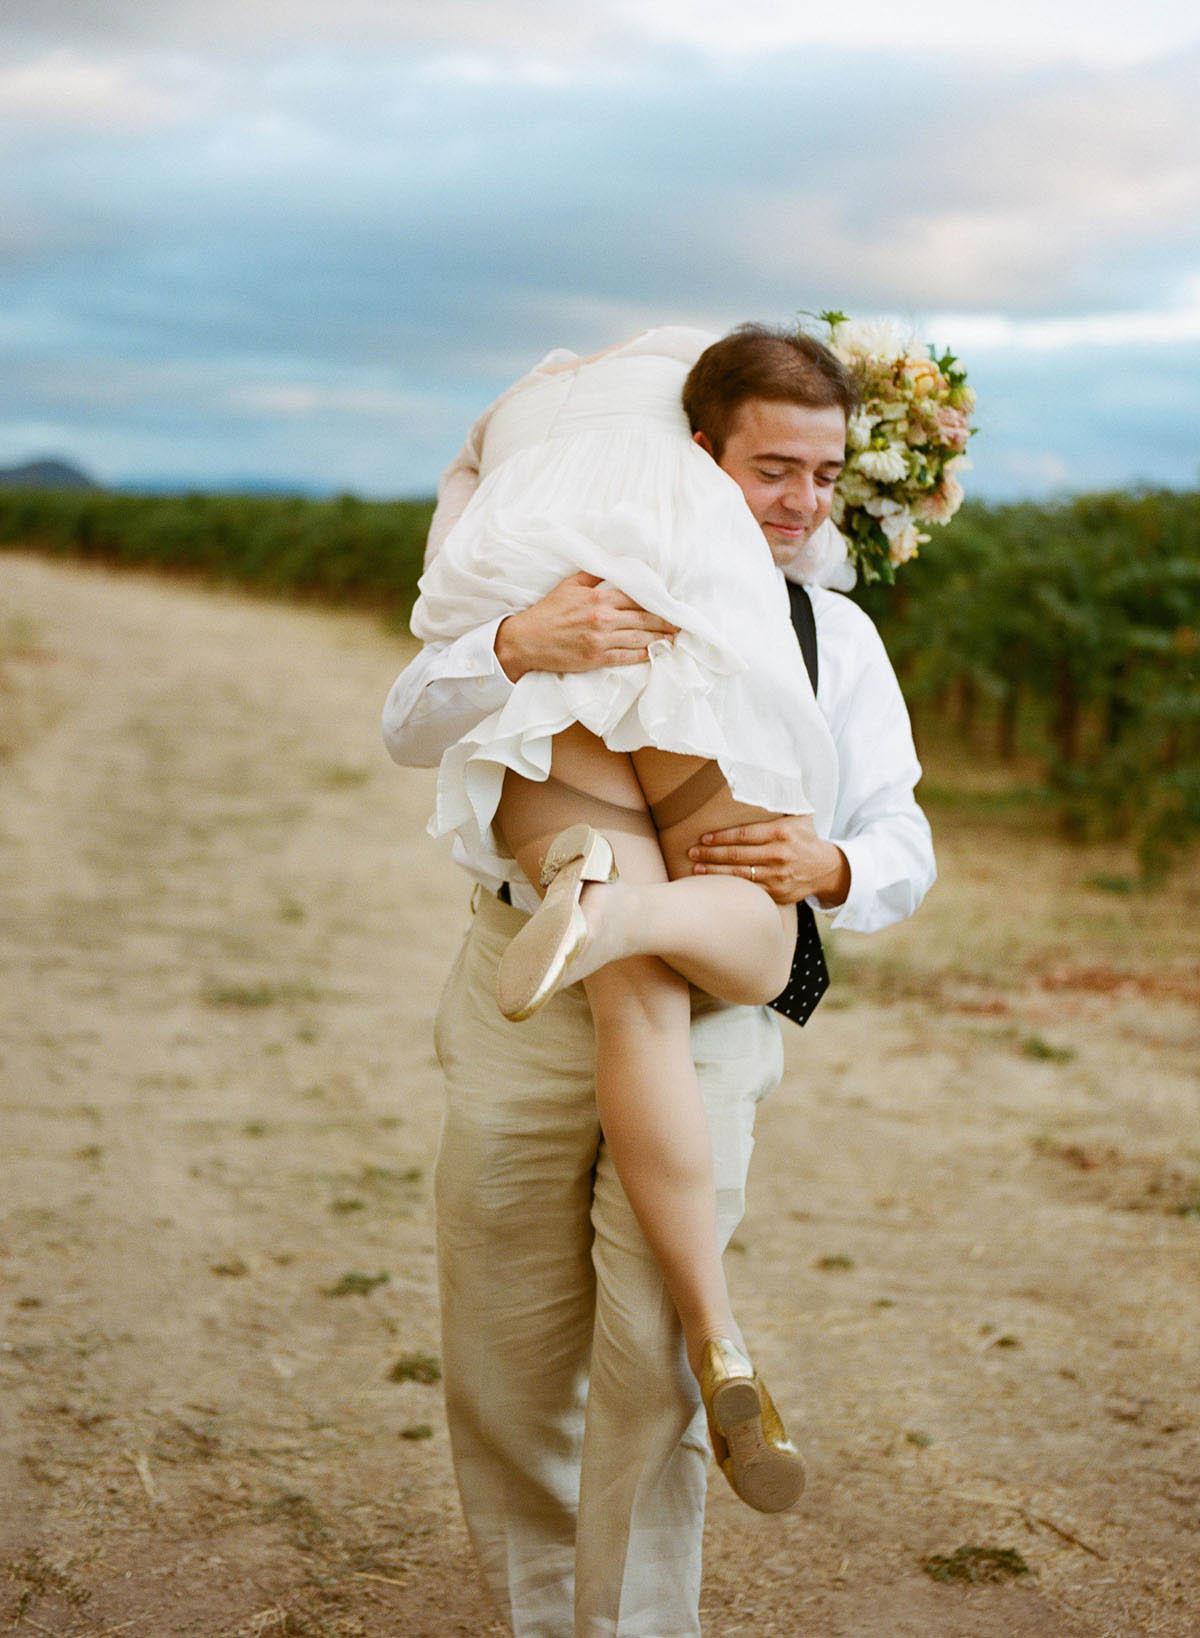 4-groom-carries-bride-shoulder.jpg